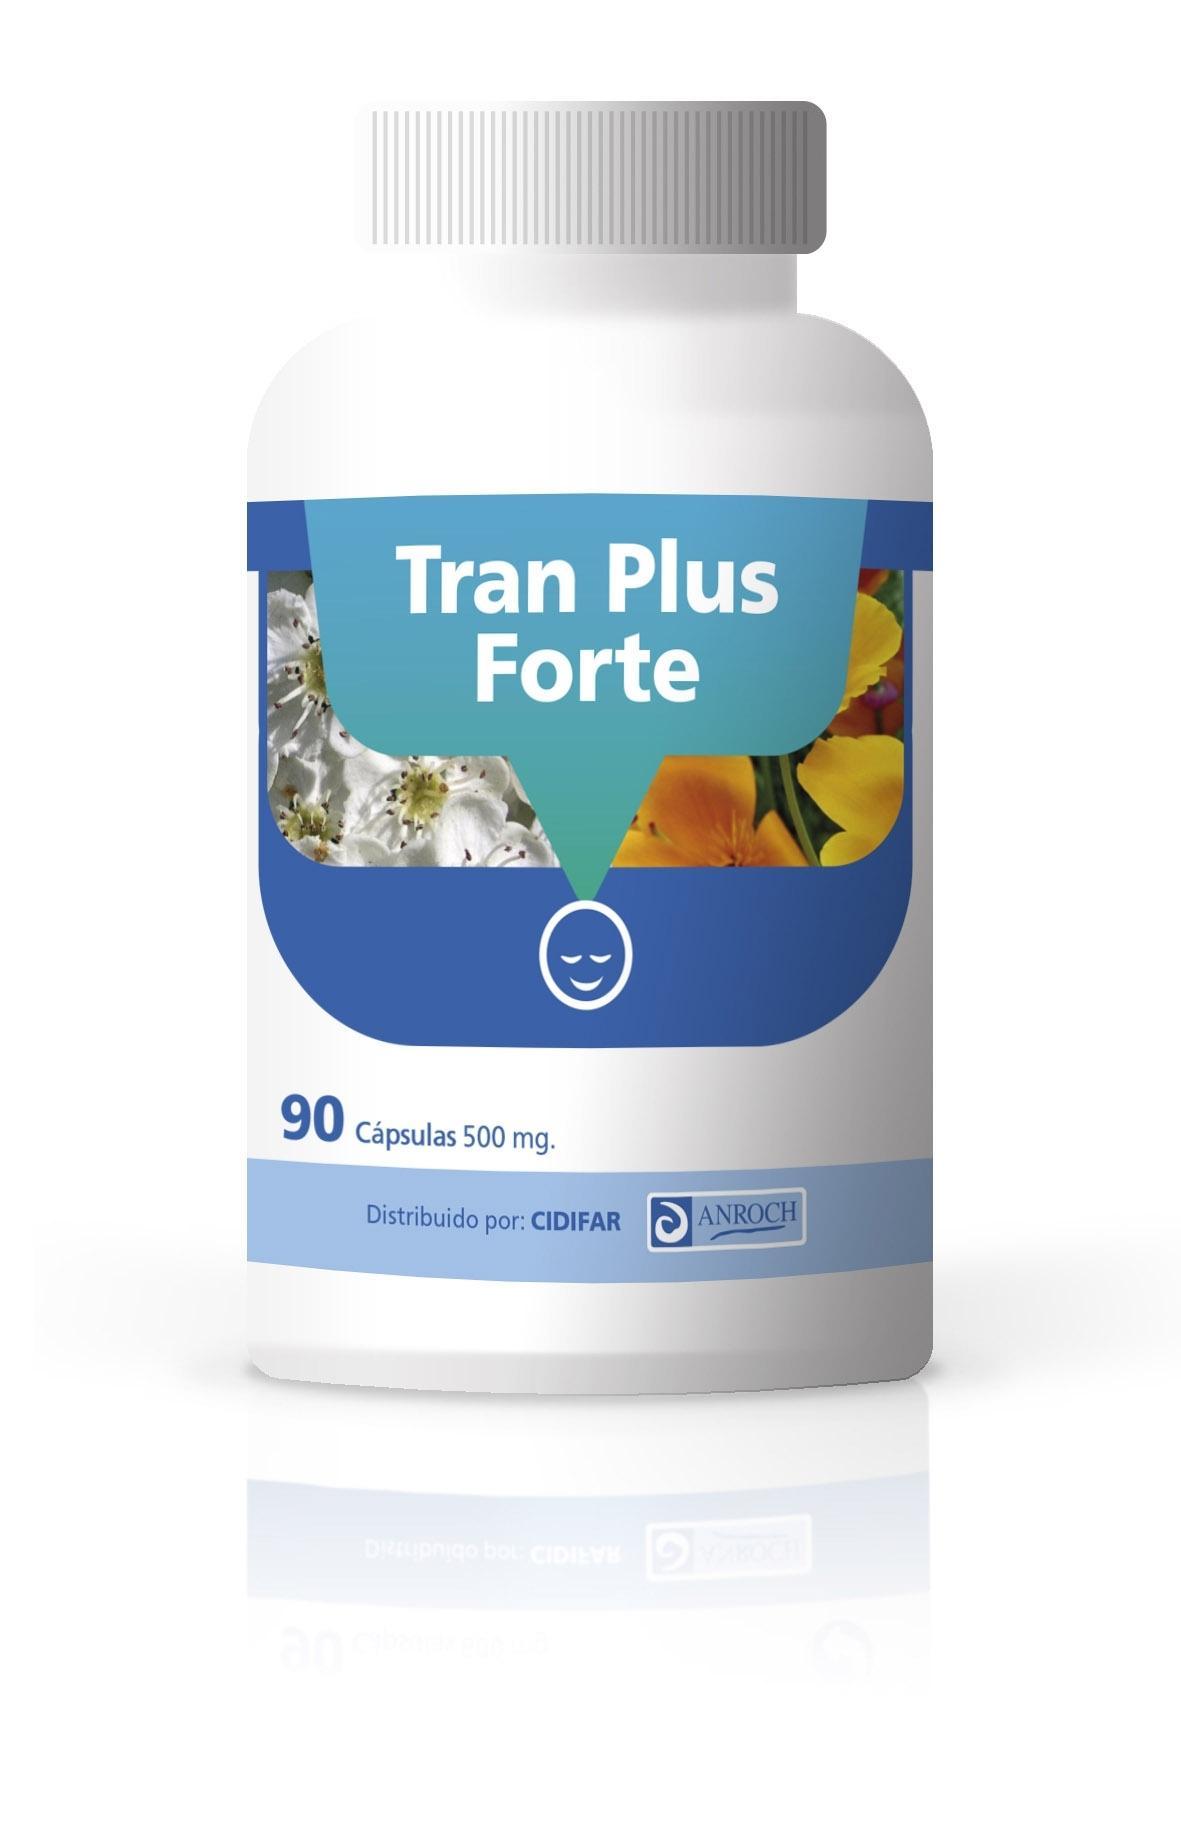 TRAN PLUS FORTE, 90 cápsulas de 500 mg. ¡OFERTA TEMPORAL sin gastos de envío!